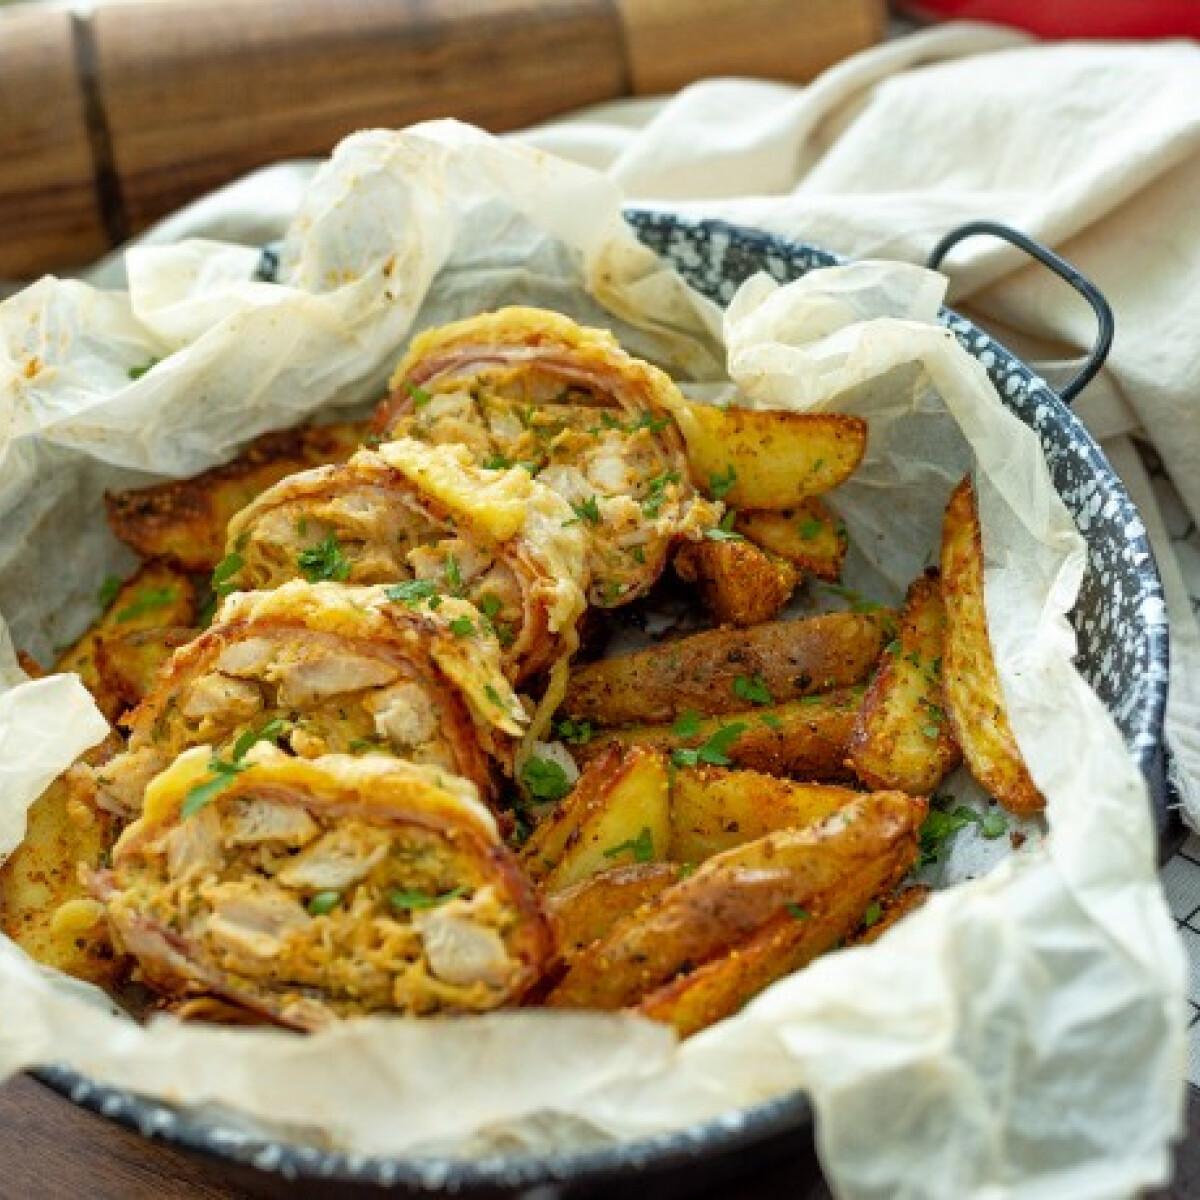 Sajtos-tejfölös-baconös csirkemell őzgerincben sütve